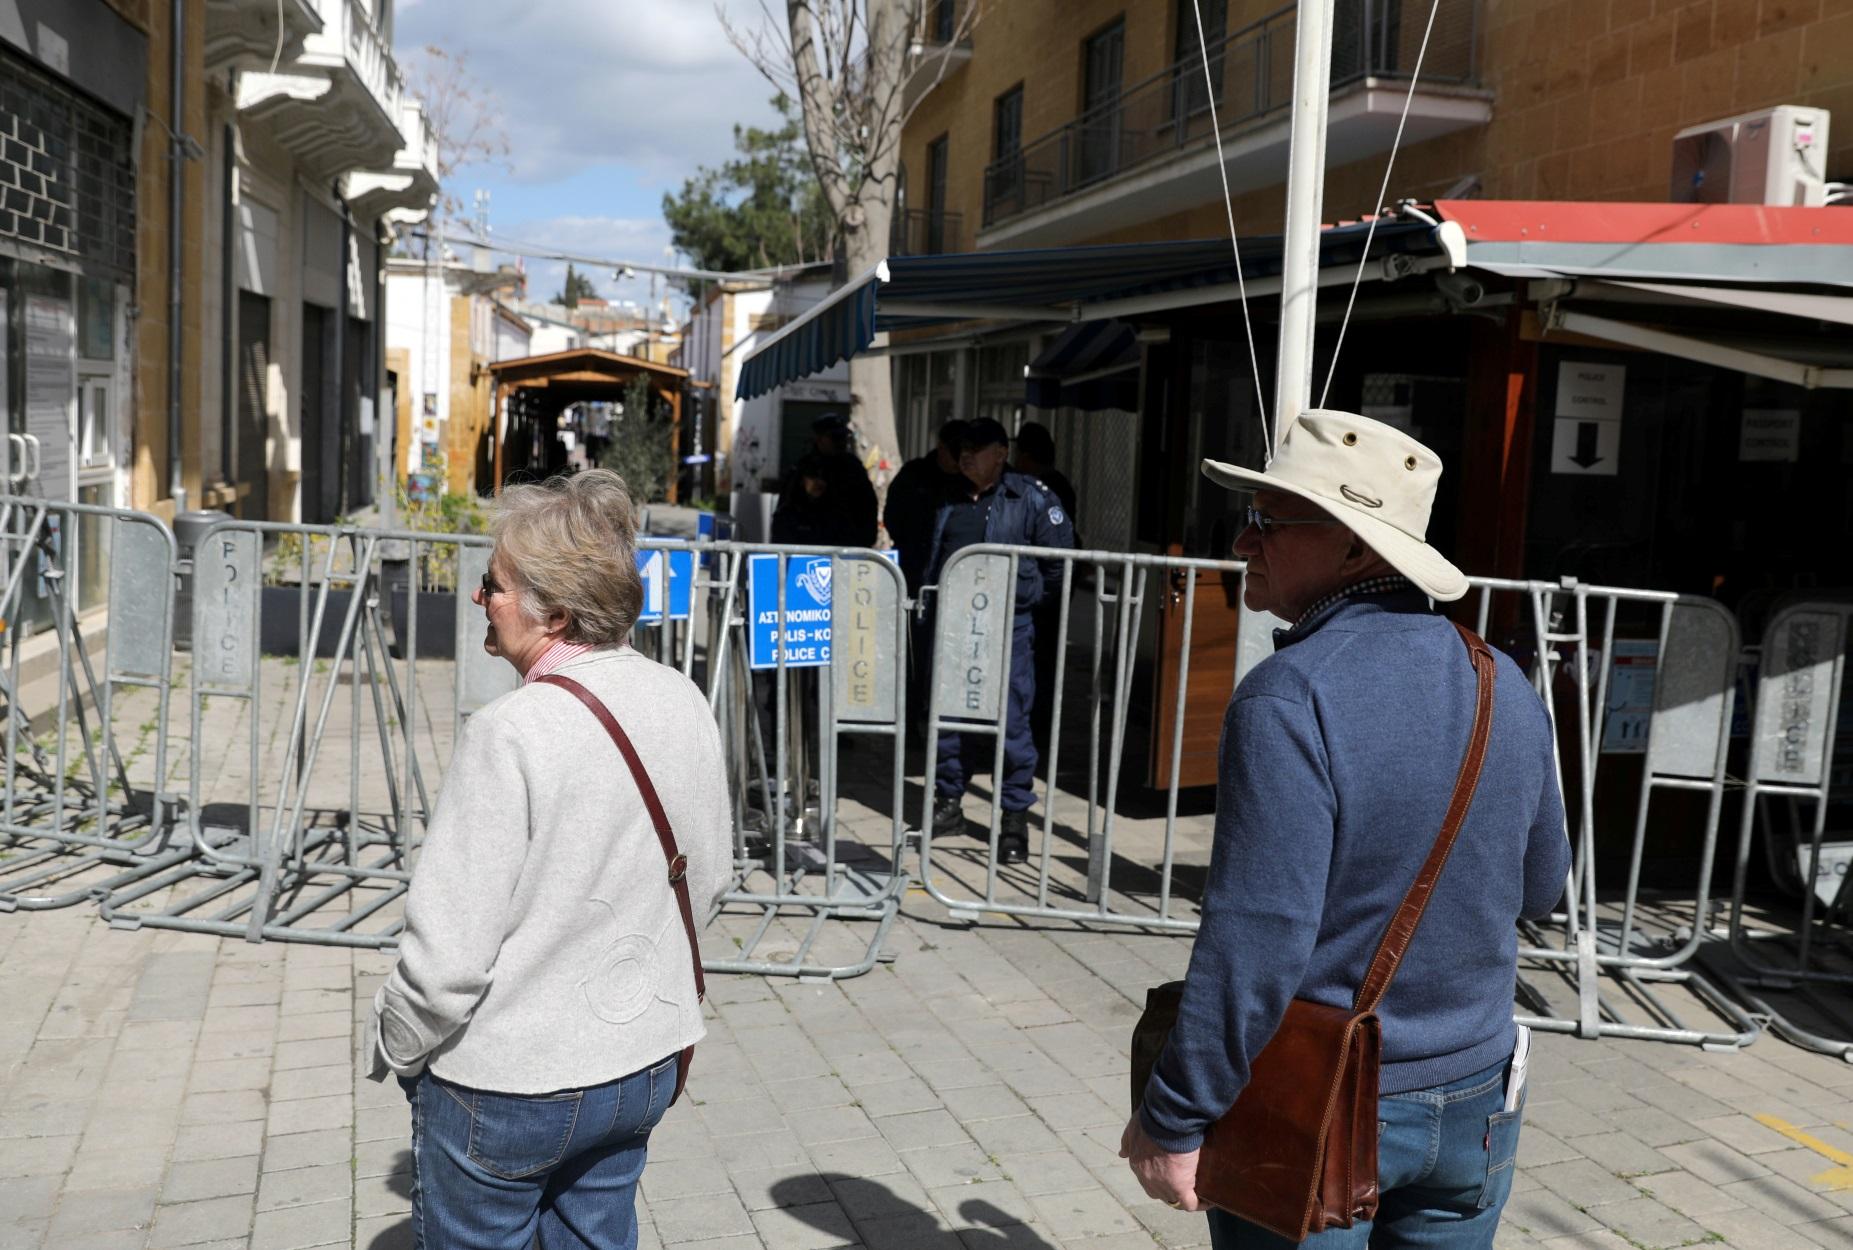 Κορονοϊός: Δύο νεκροί και 363 νέα κρούσματα στην Κύπρο το τελευταίο 24ωρο